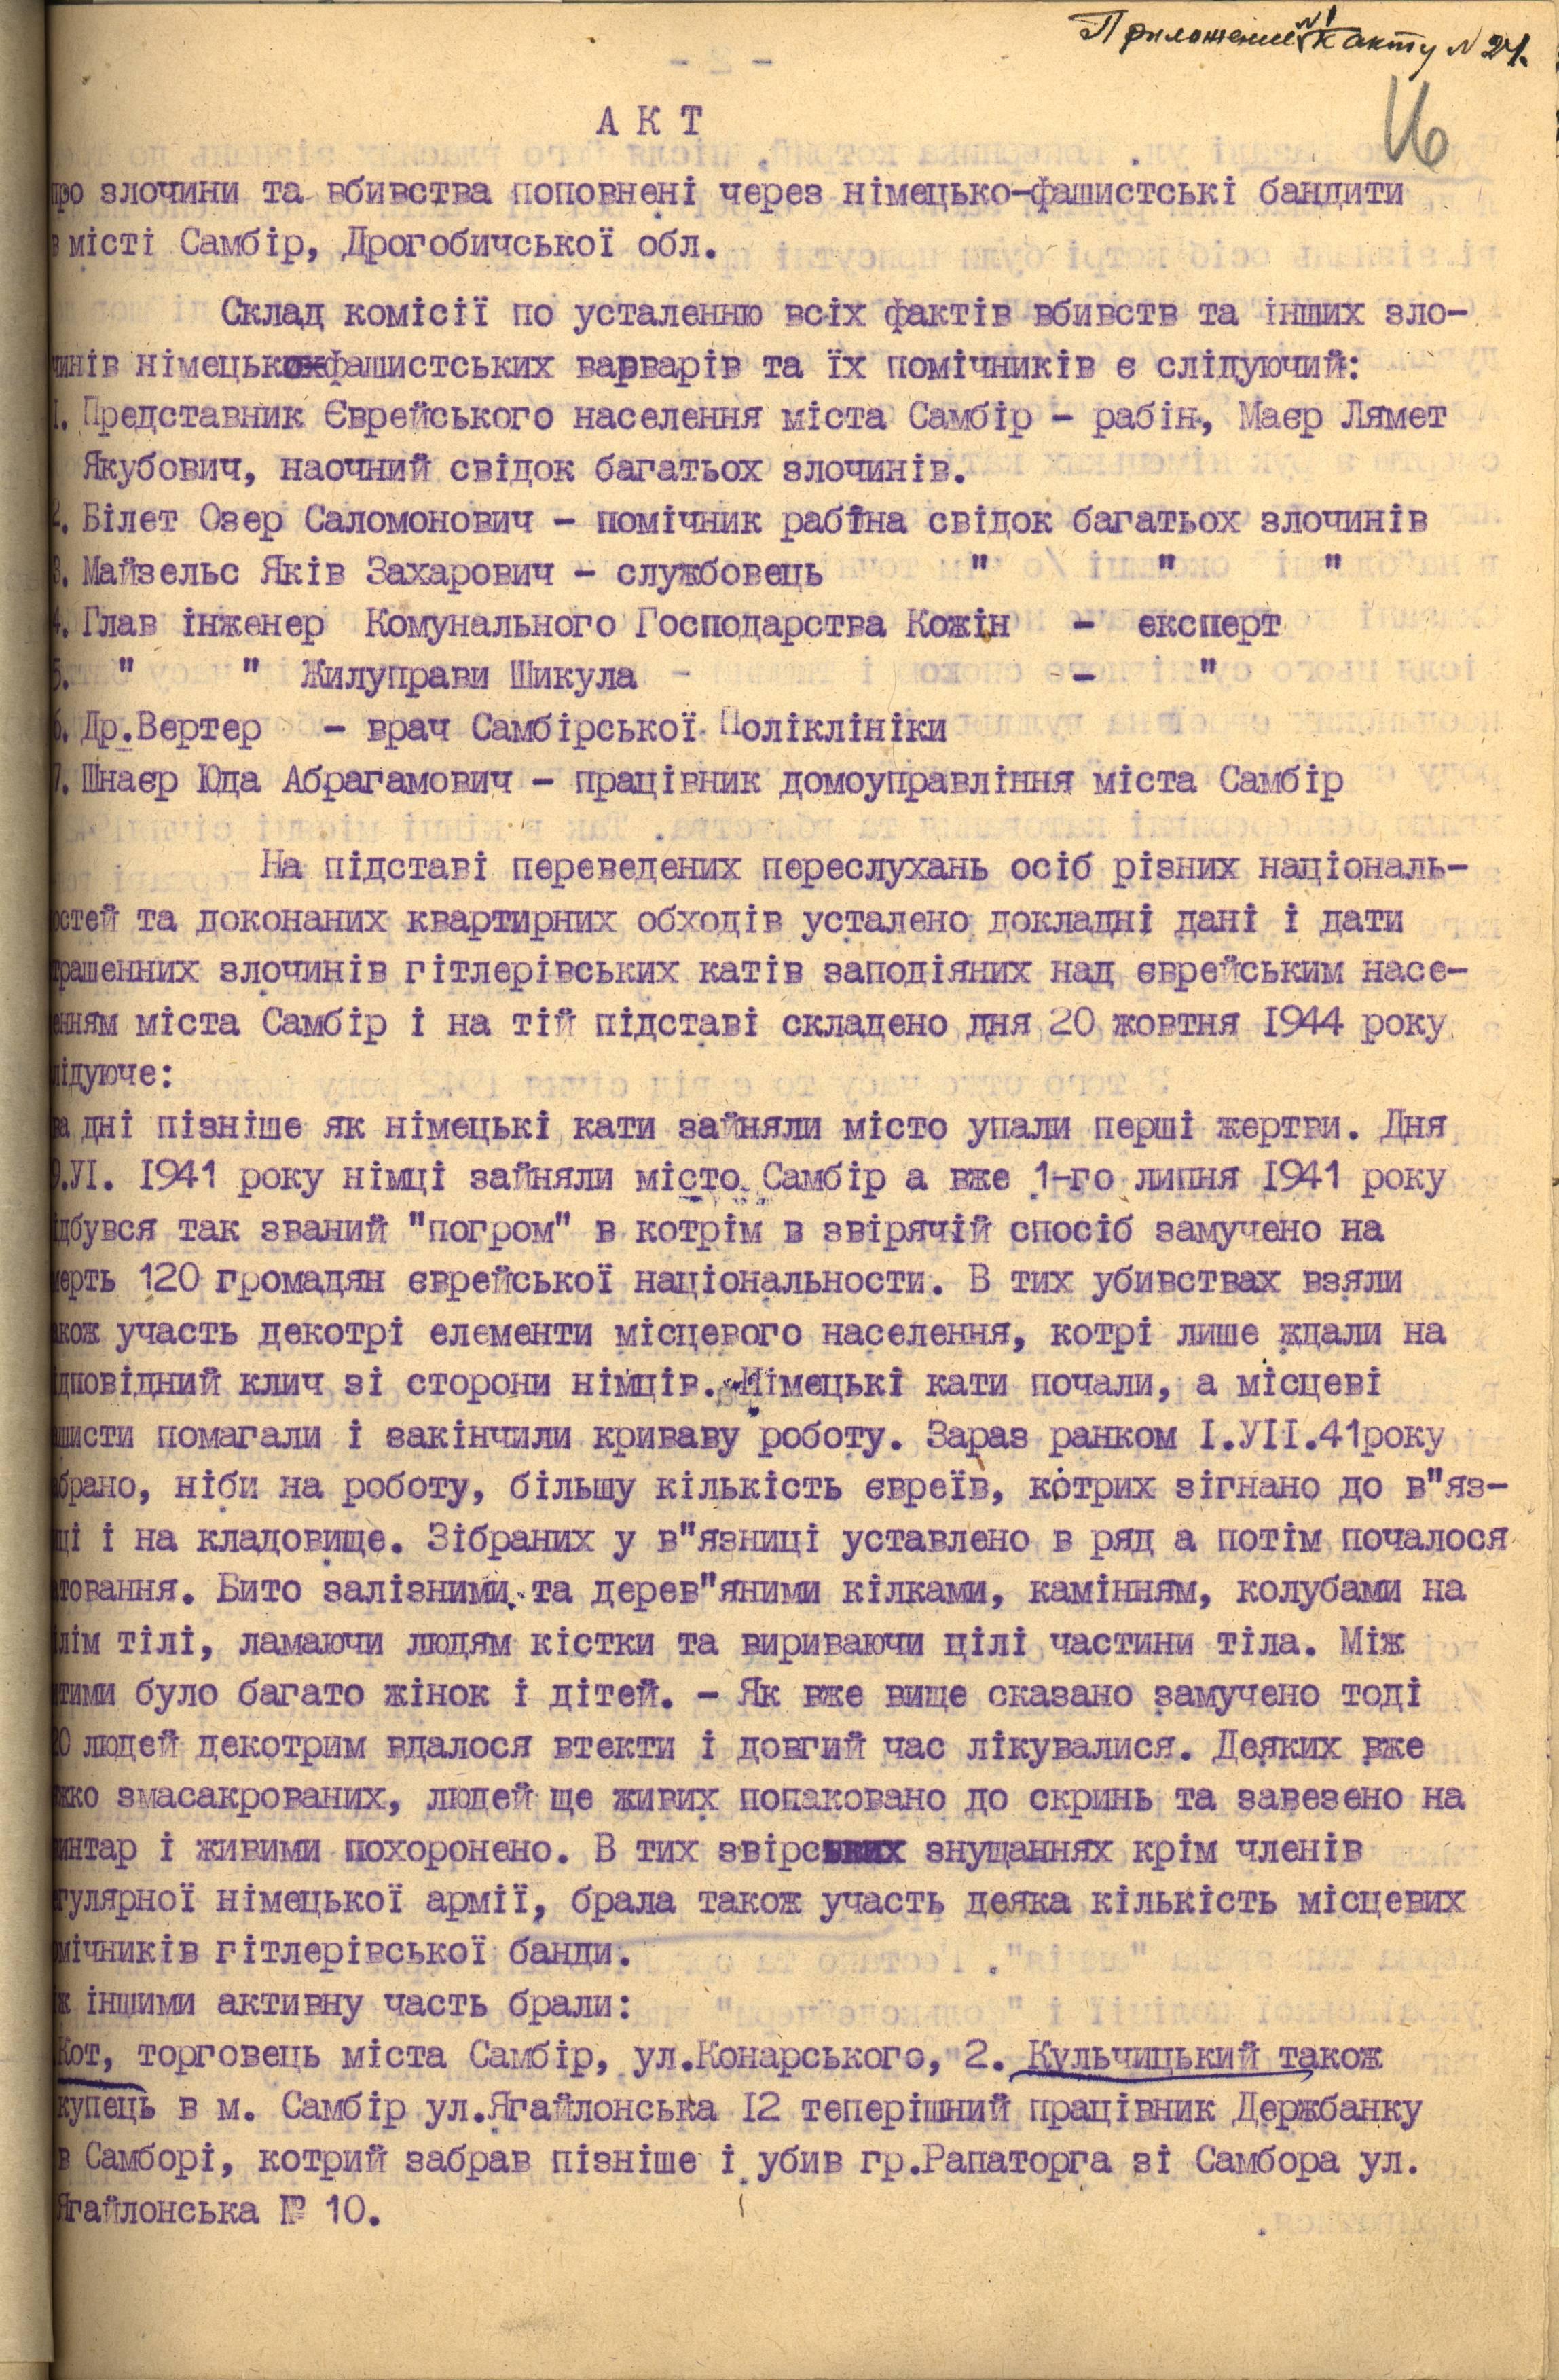 Акт про злочини та вбивства поповнені через німецько-фашистські бандити в місті Самбір, Дрогобичської обл.